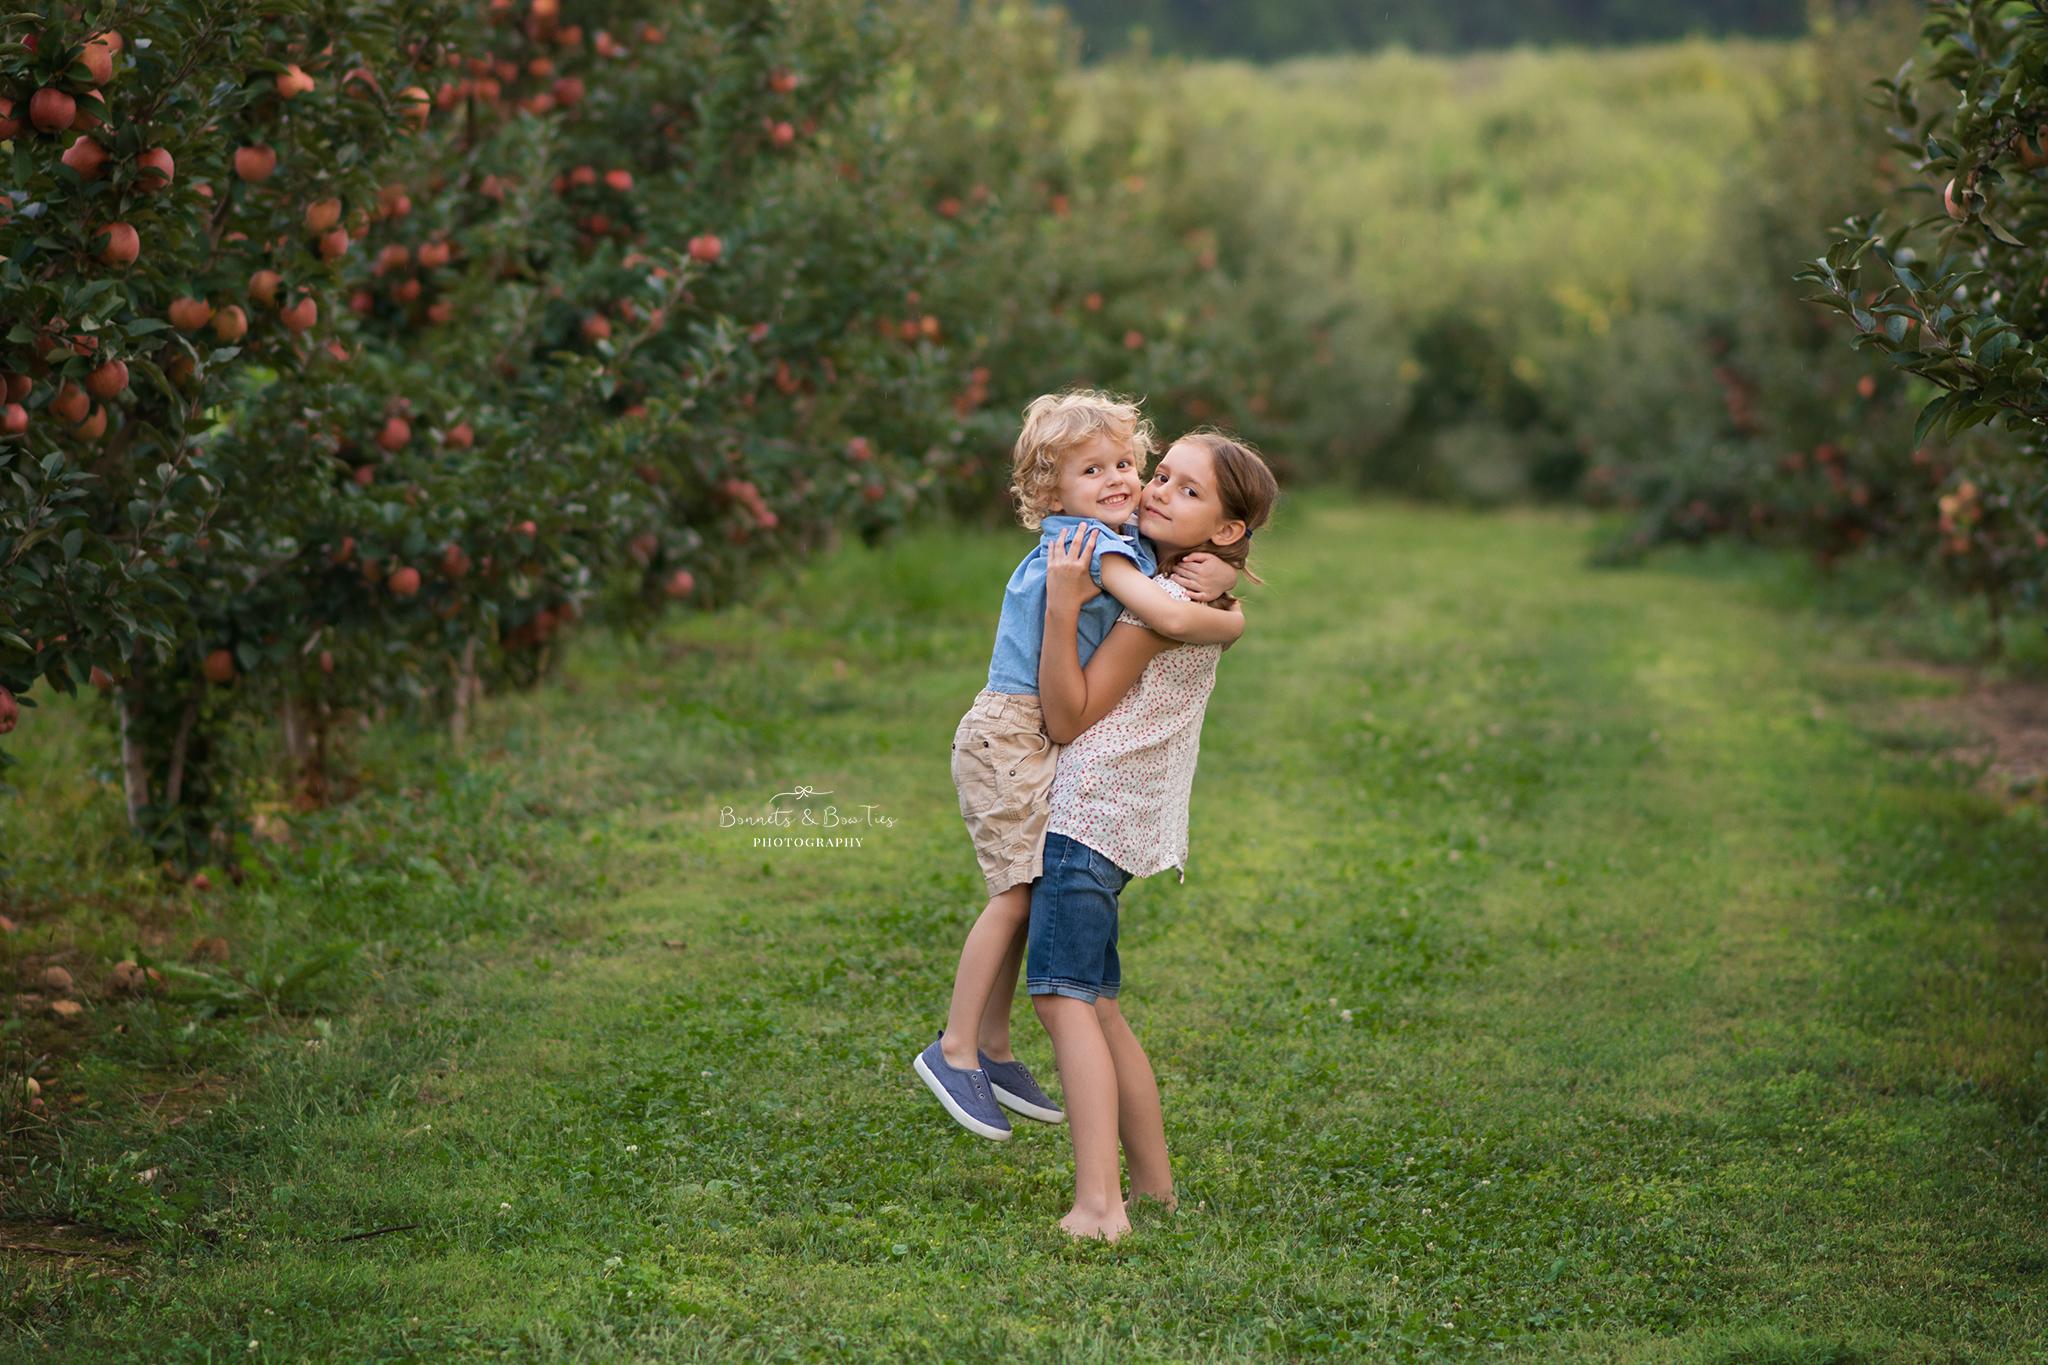 sibling pose at apple orchard